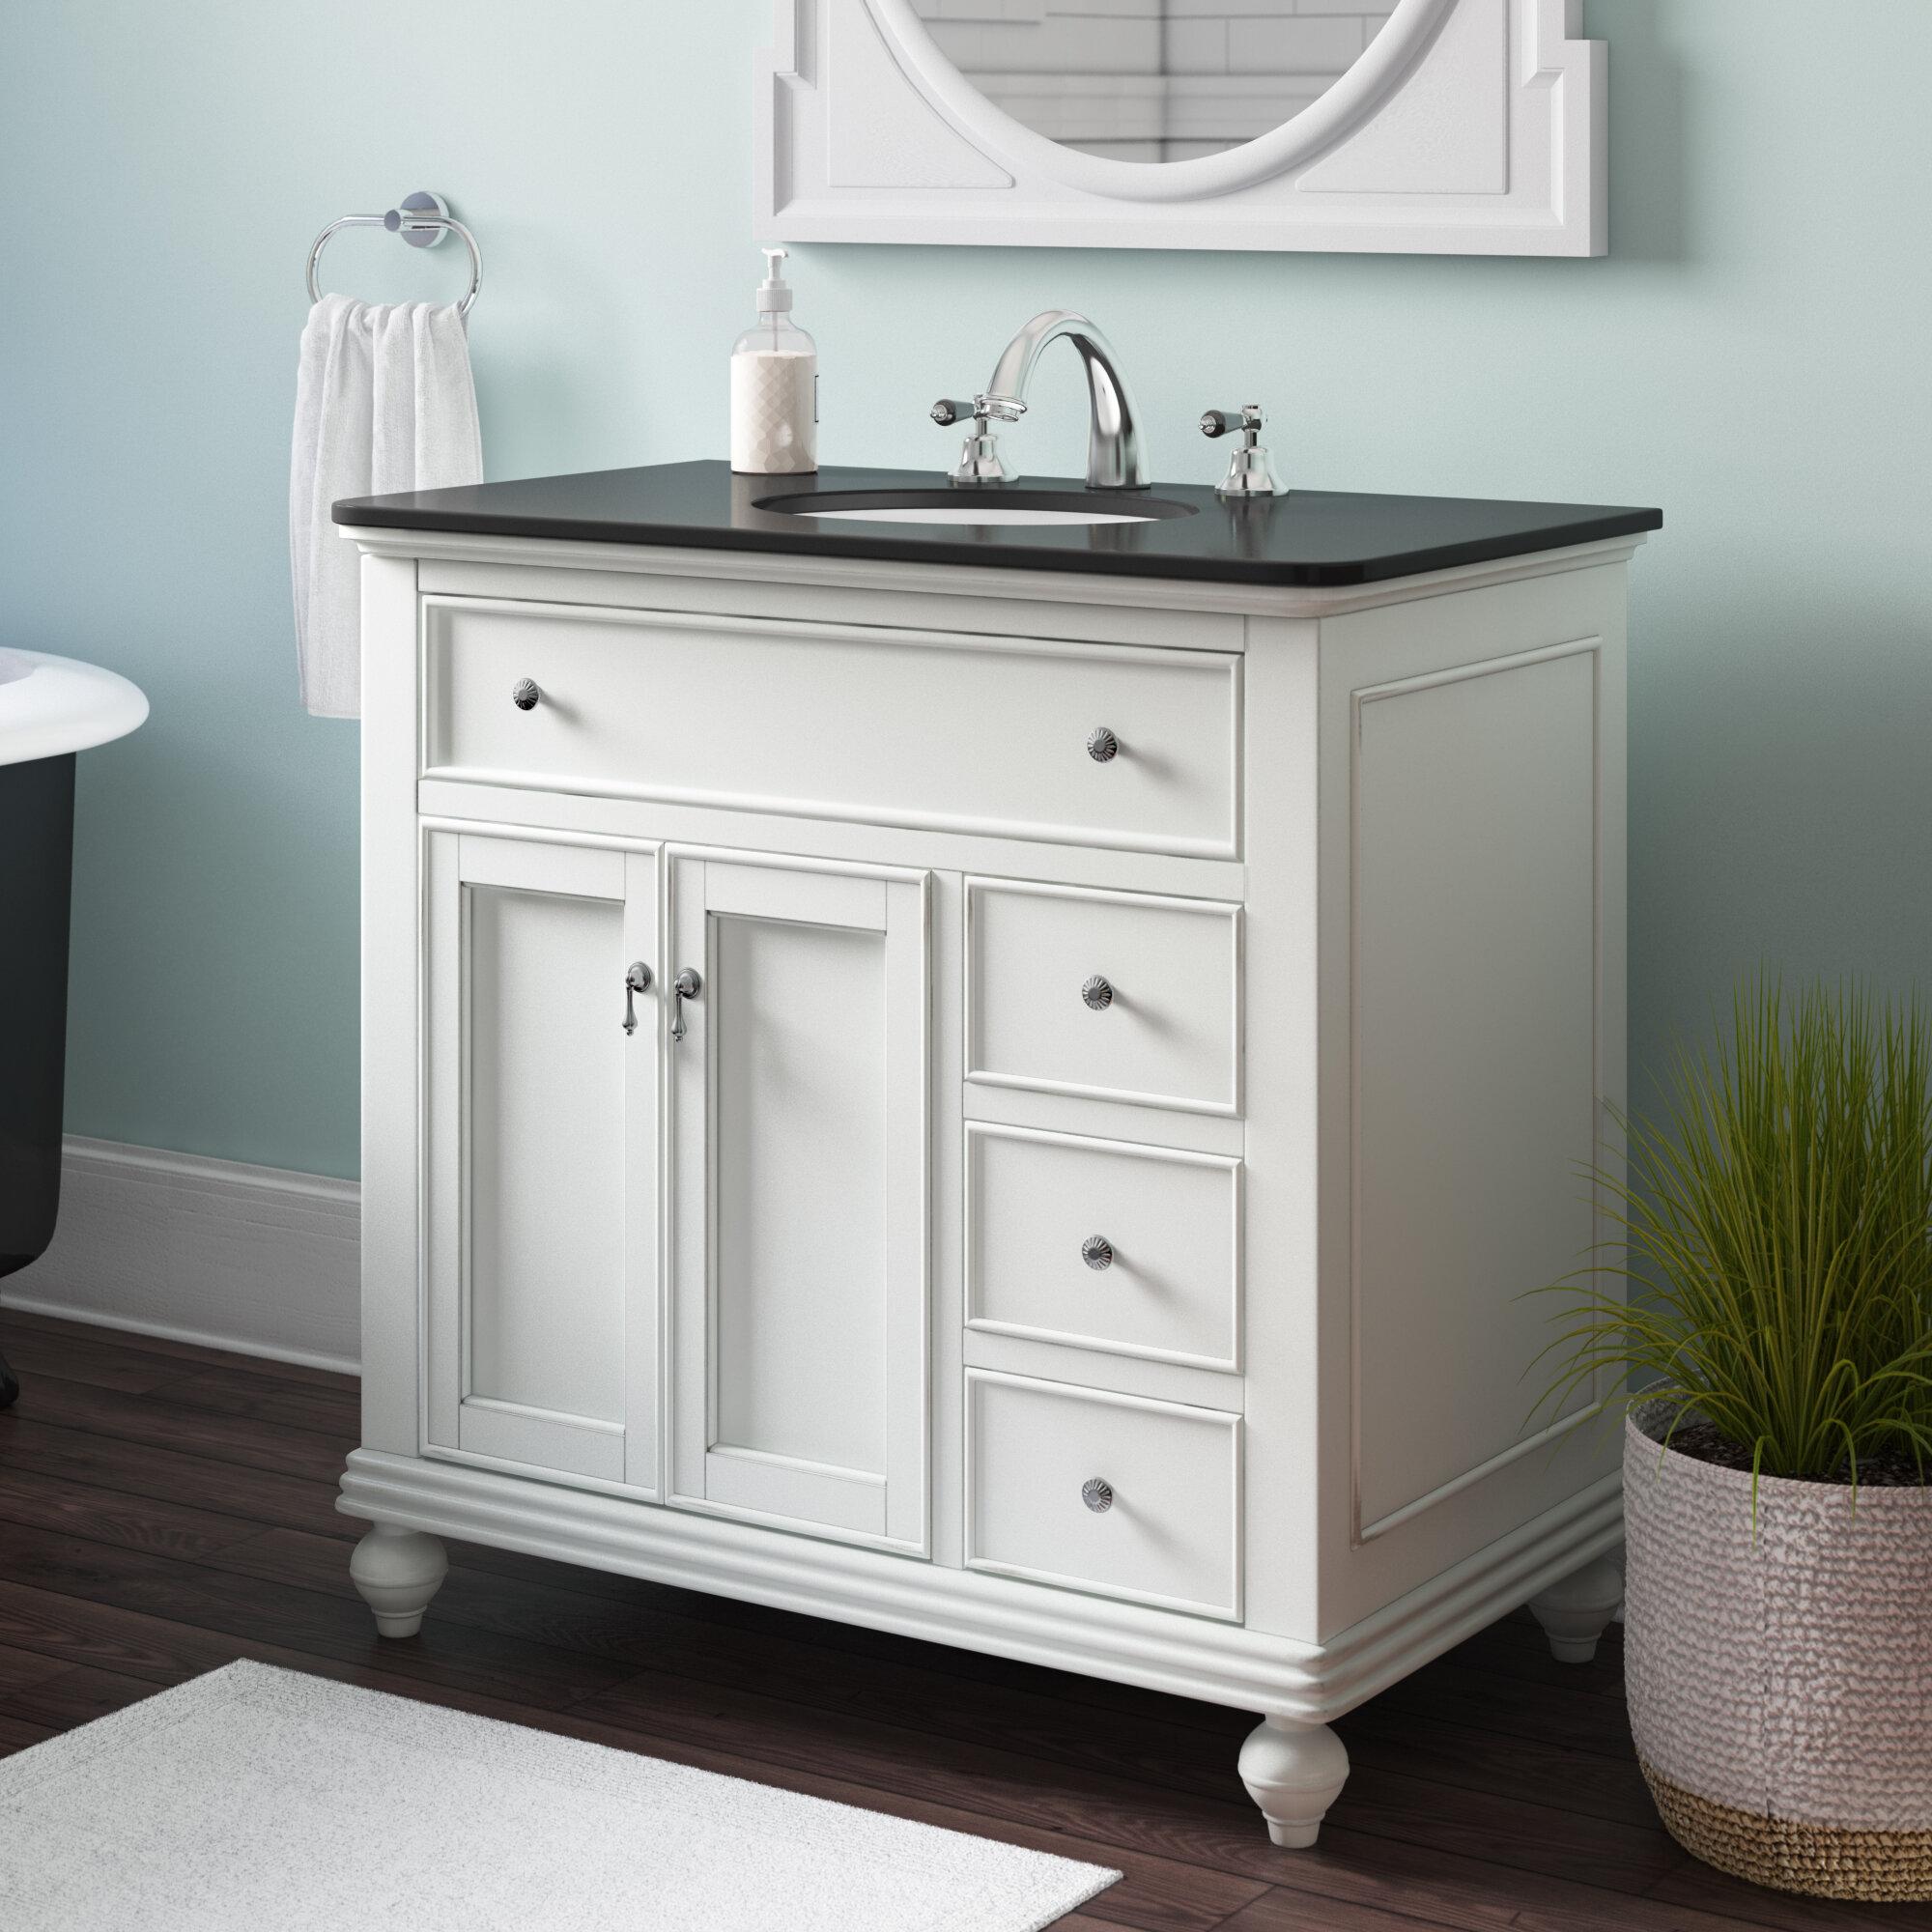 36 Inch Bathroom Vanities